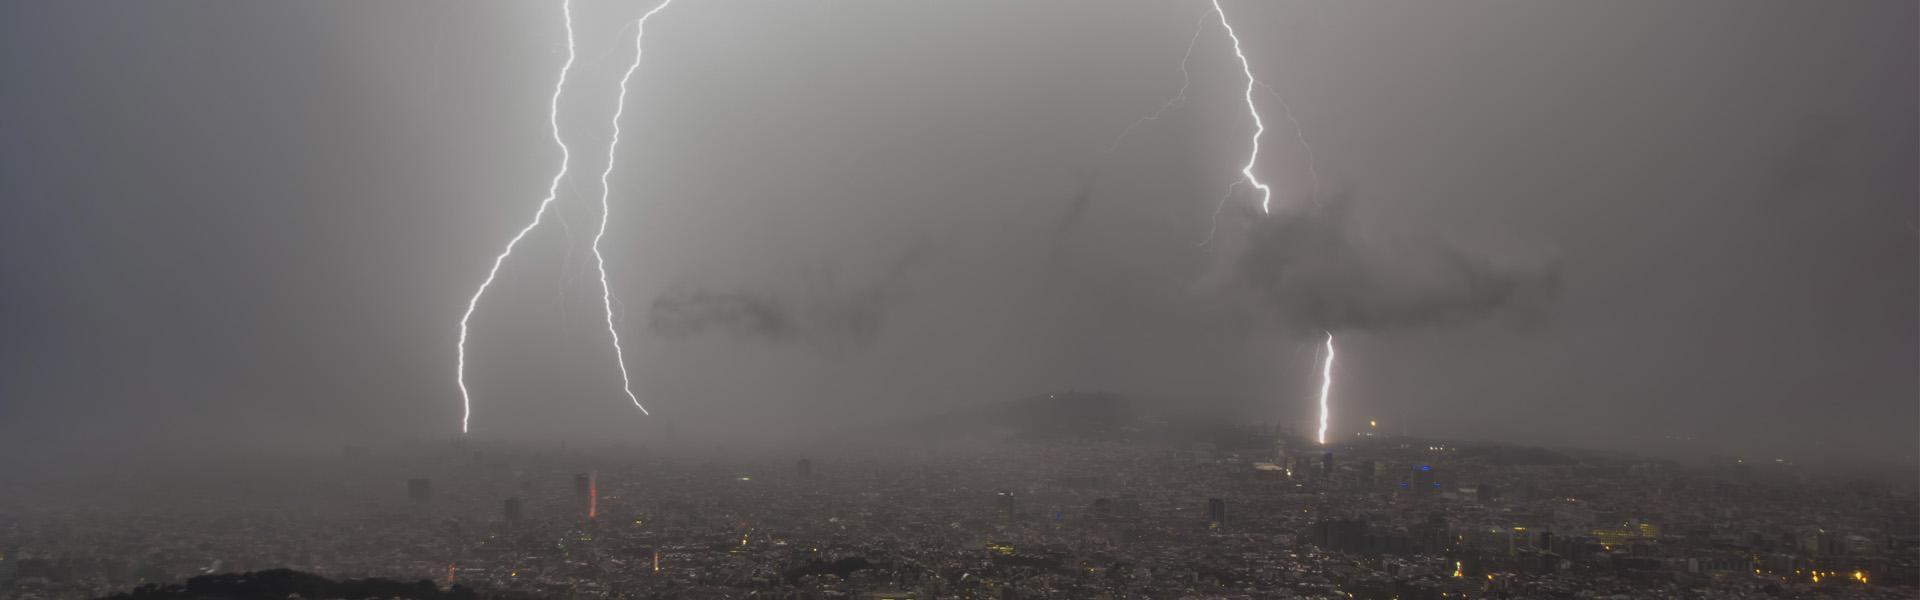 Tempestades ppal